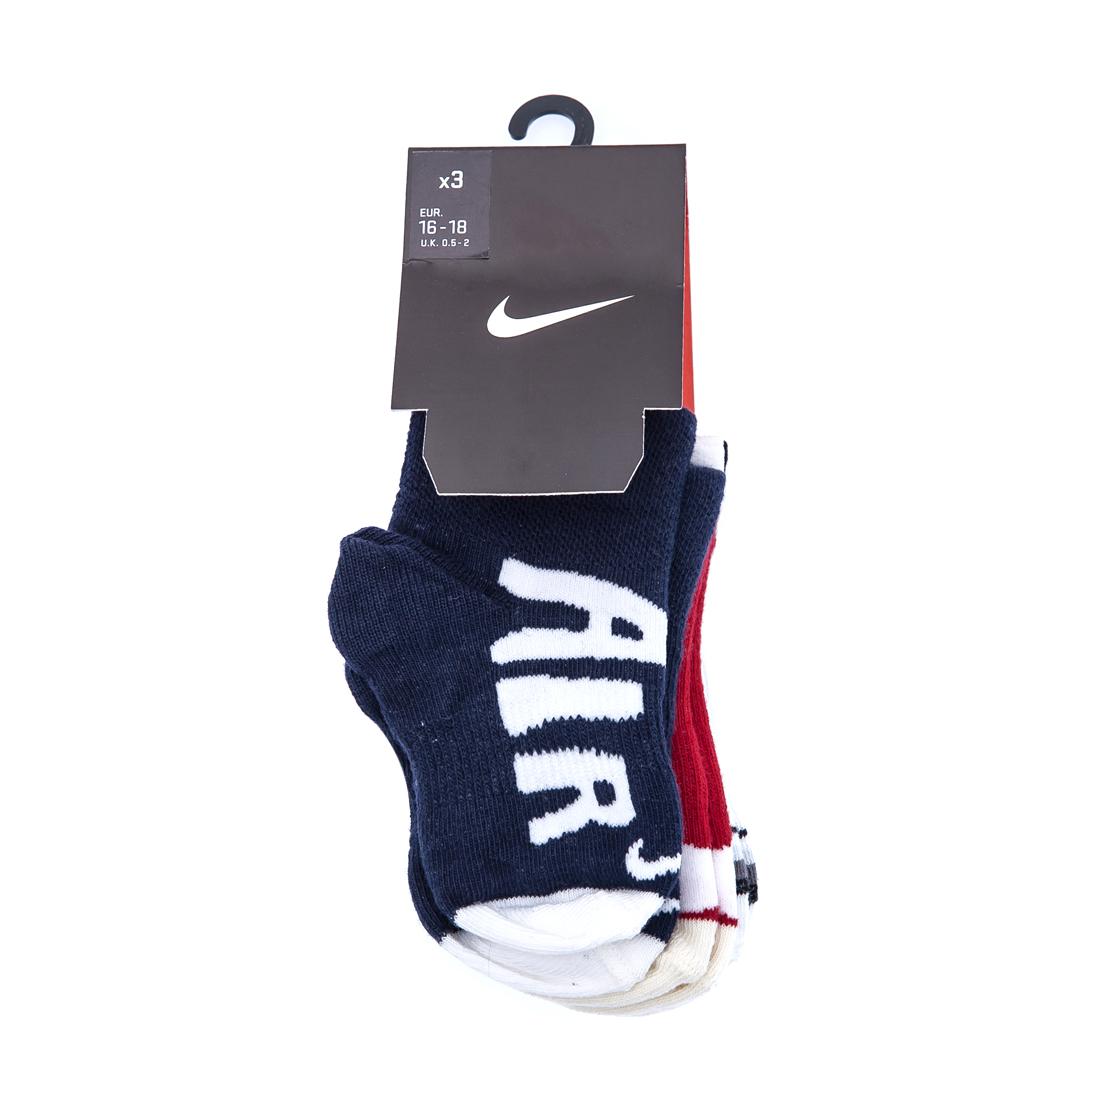 NIKE - Βρεφικό σετ κάλτσες Nike μπλε-κόκκινες-λευκές παιδικά baby αξεσουάρ κάλτσες